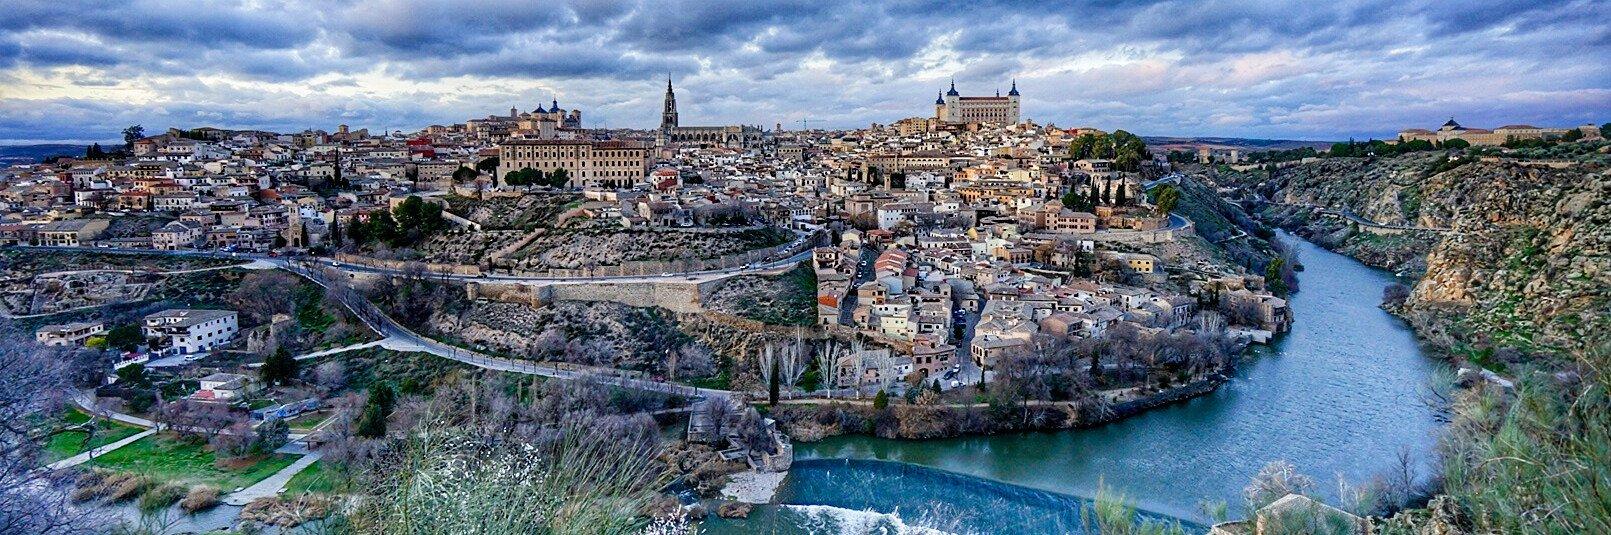 童话王国,美到令人窒息的西班牙之旅!